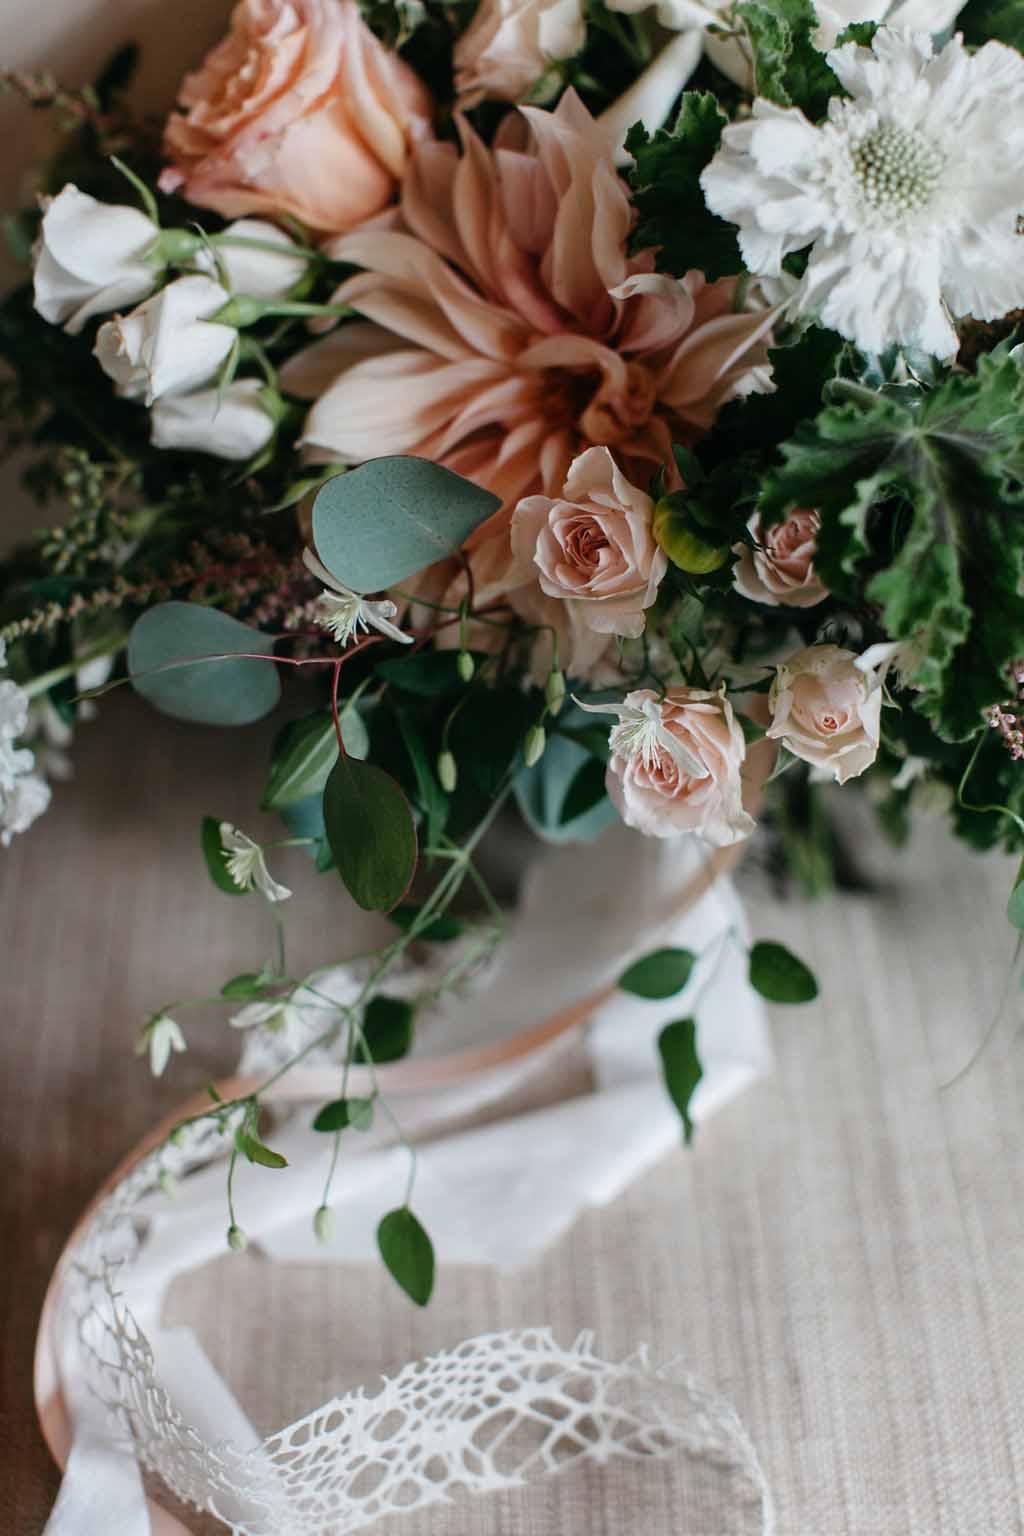 Bridal bouquet with cafe au lait dahlias - Elegant Seattle Garden Wedding by Flora Nova Design Seattle